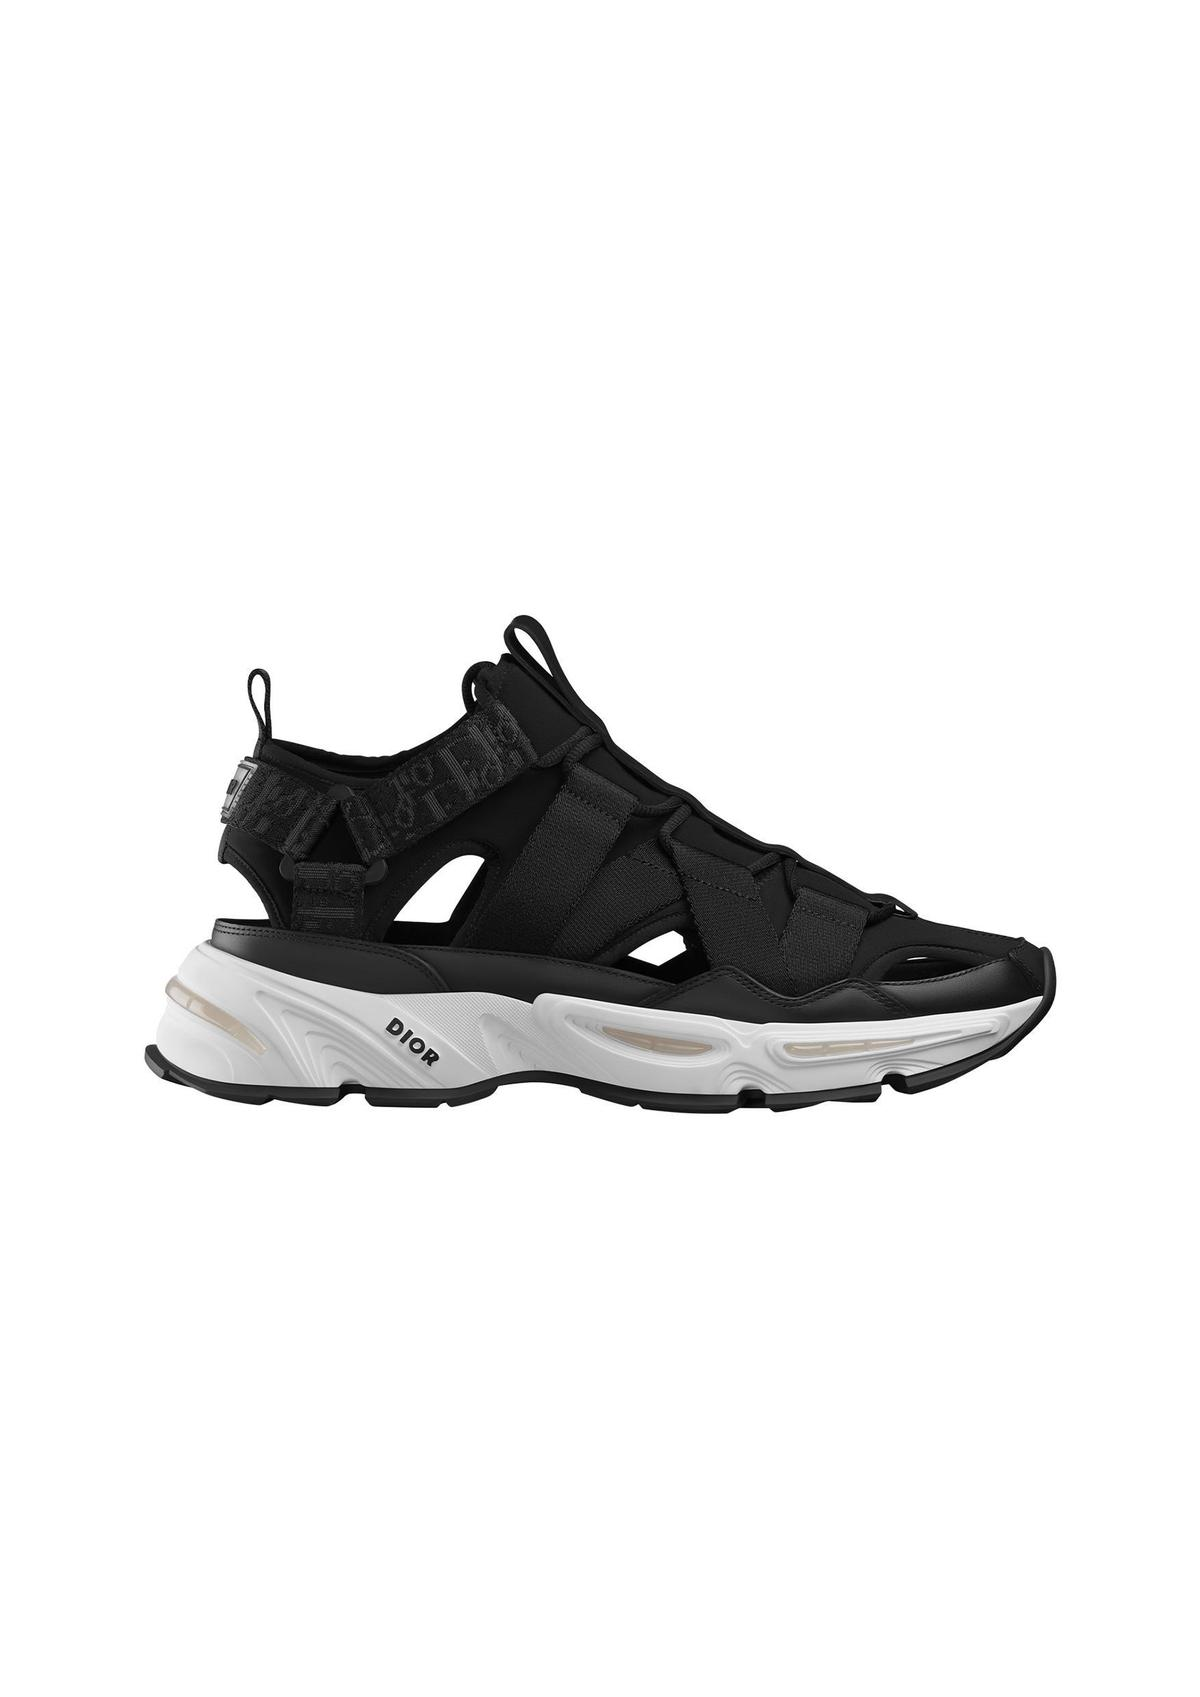 CD1黑色潛水布及尼龍涼鞋。NT$30,000。(Dior提供)